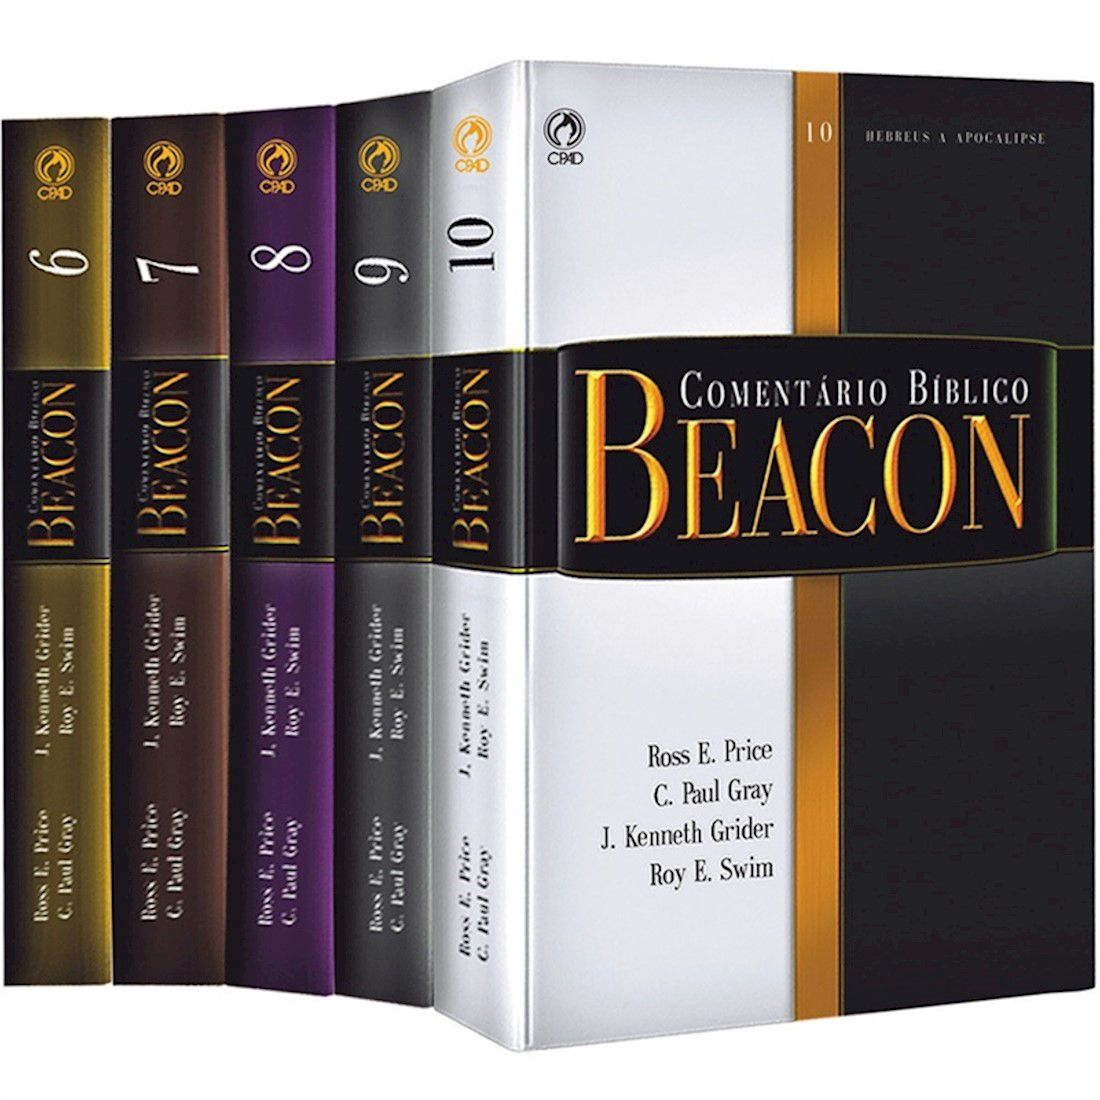 Comentário Beacon Novo Testamento - Brochura